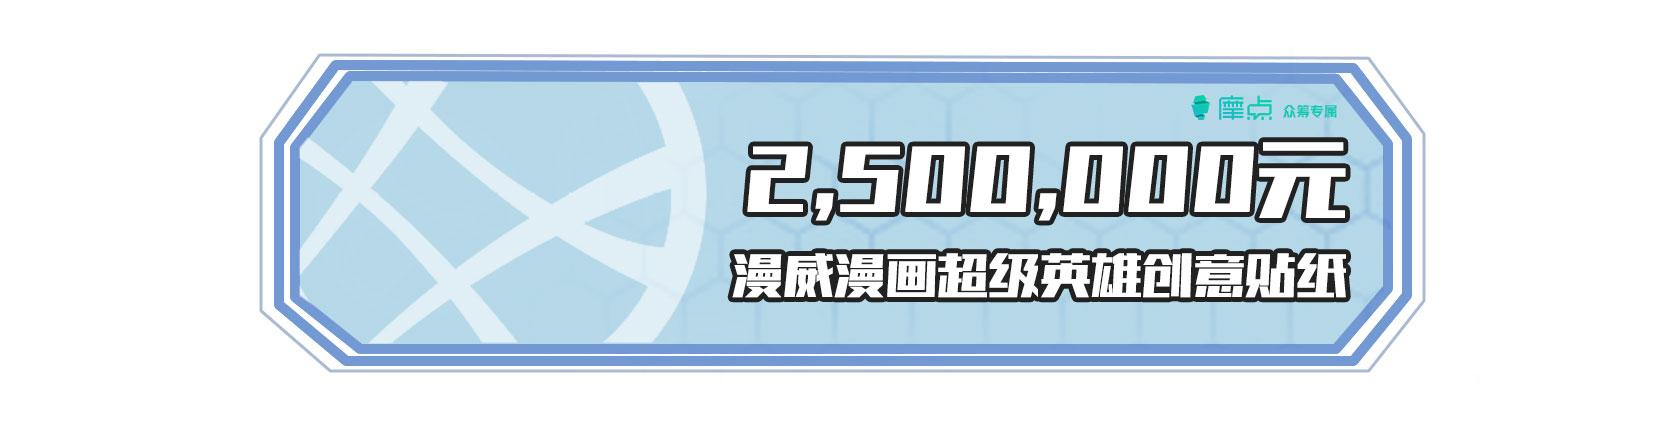 250万成功解锁.jpg